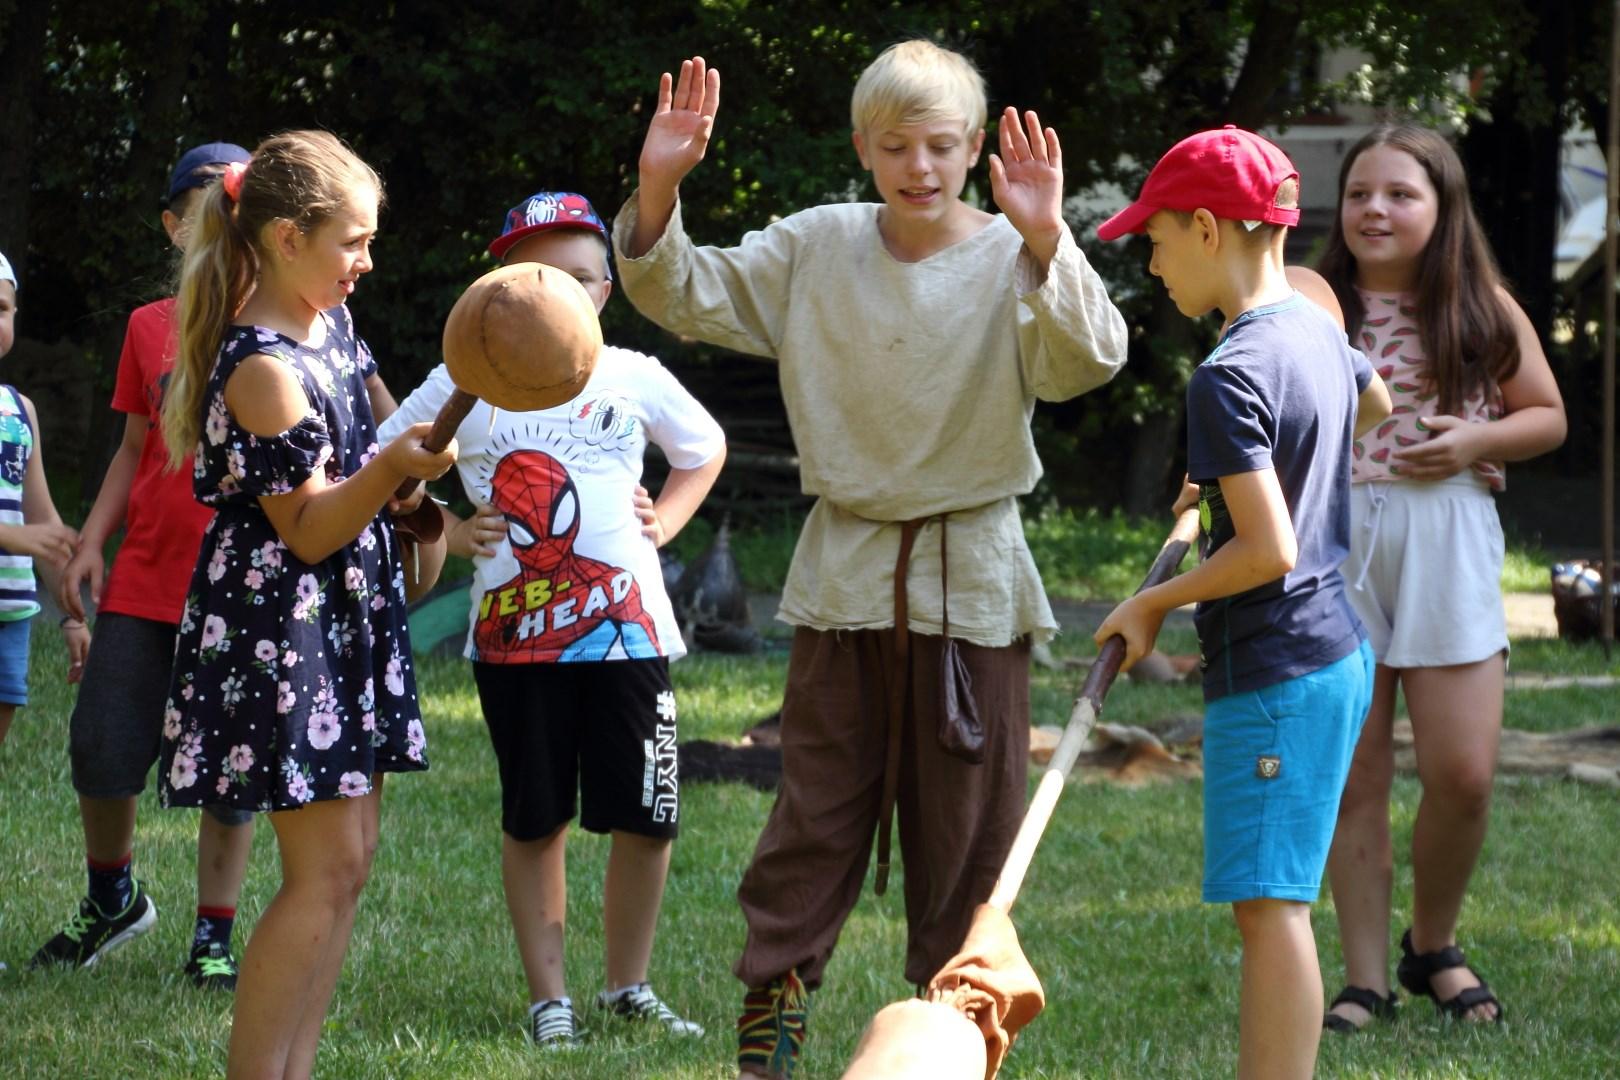 siedmioro dzieci bawiących się na trawie